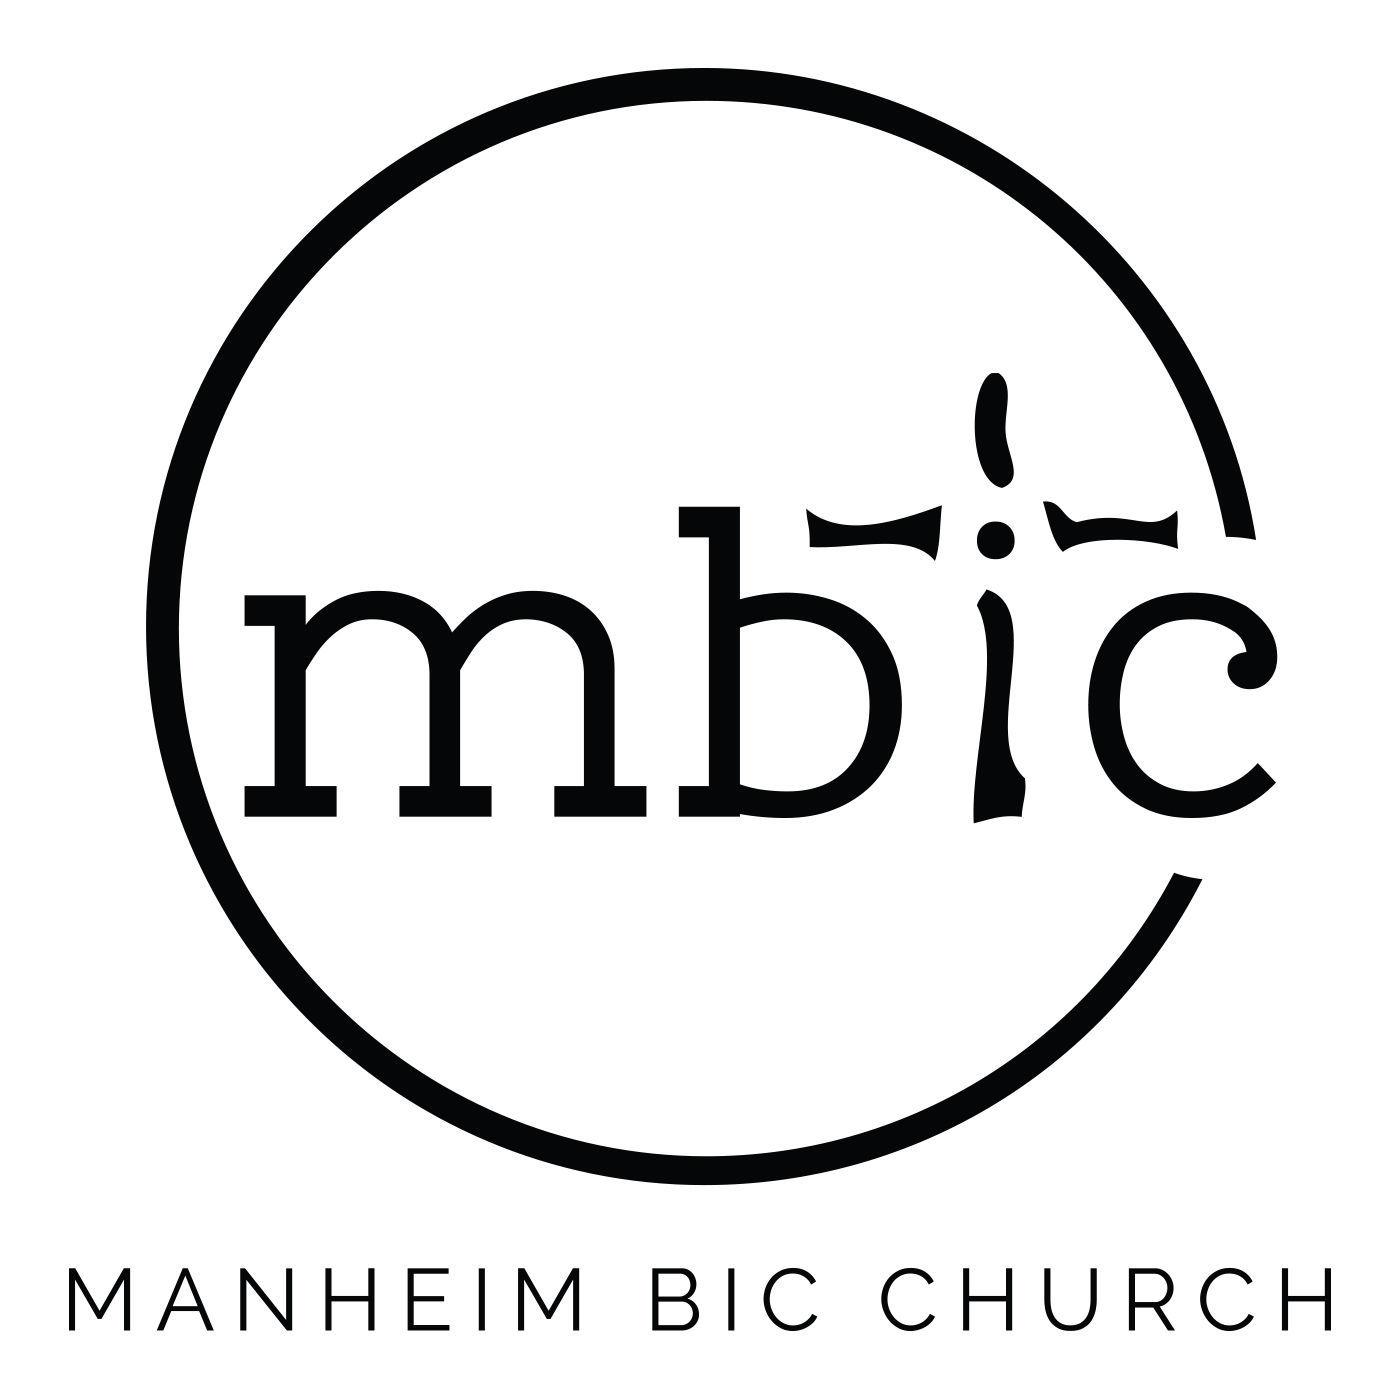 Manheim BIC Church Podcast